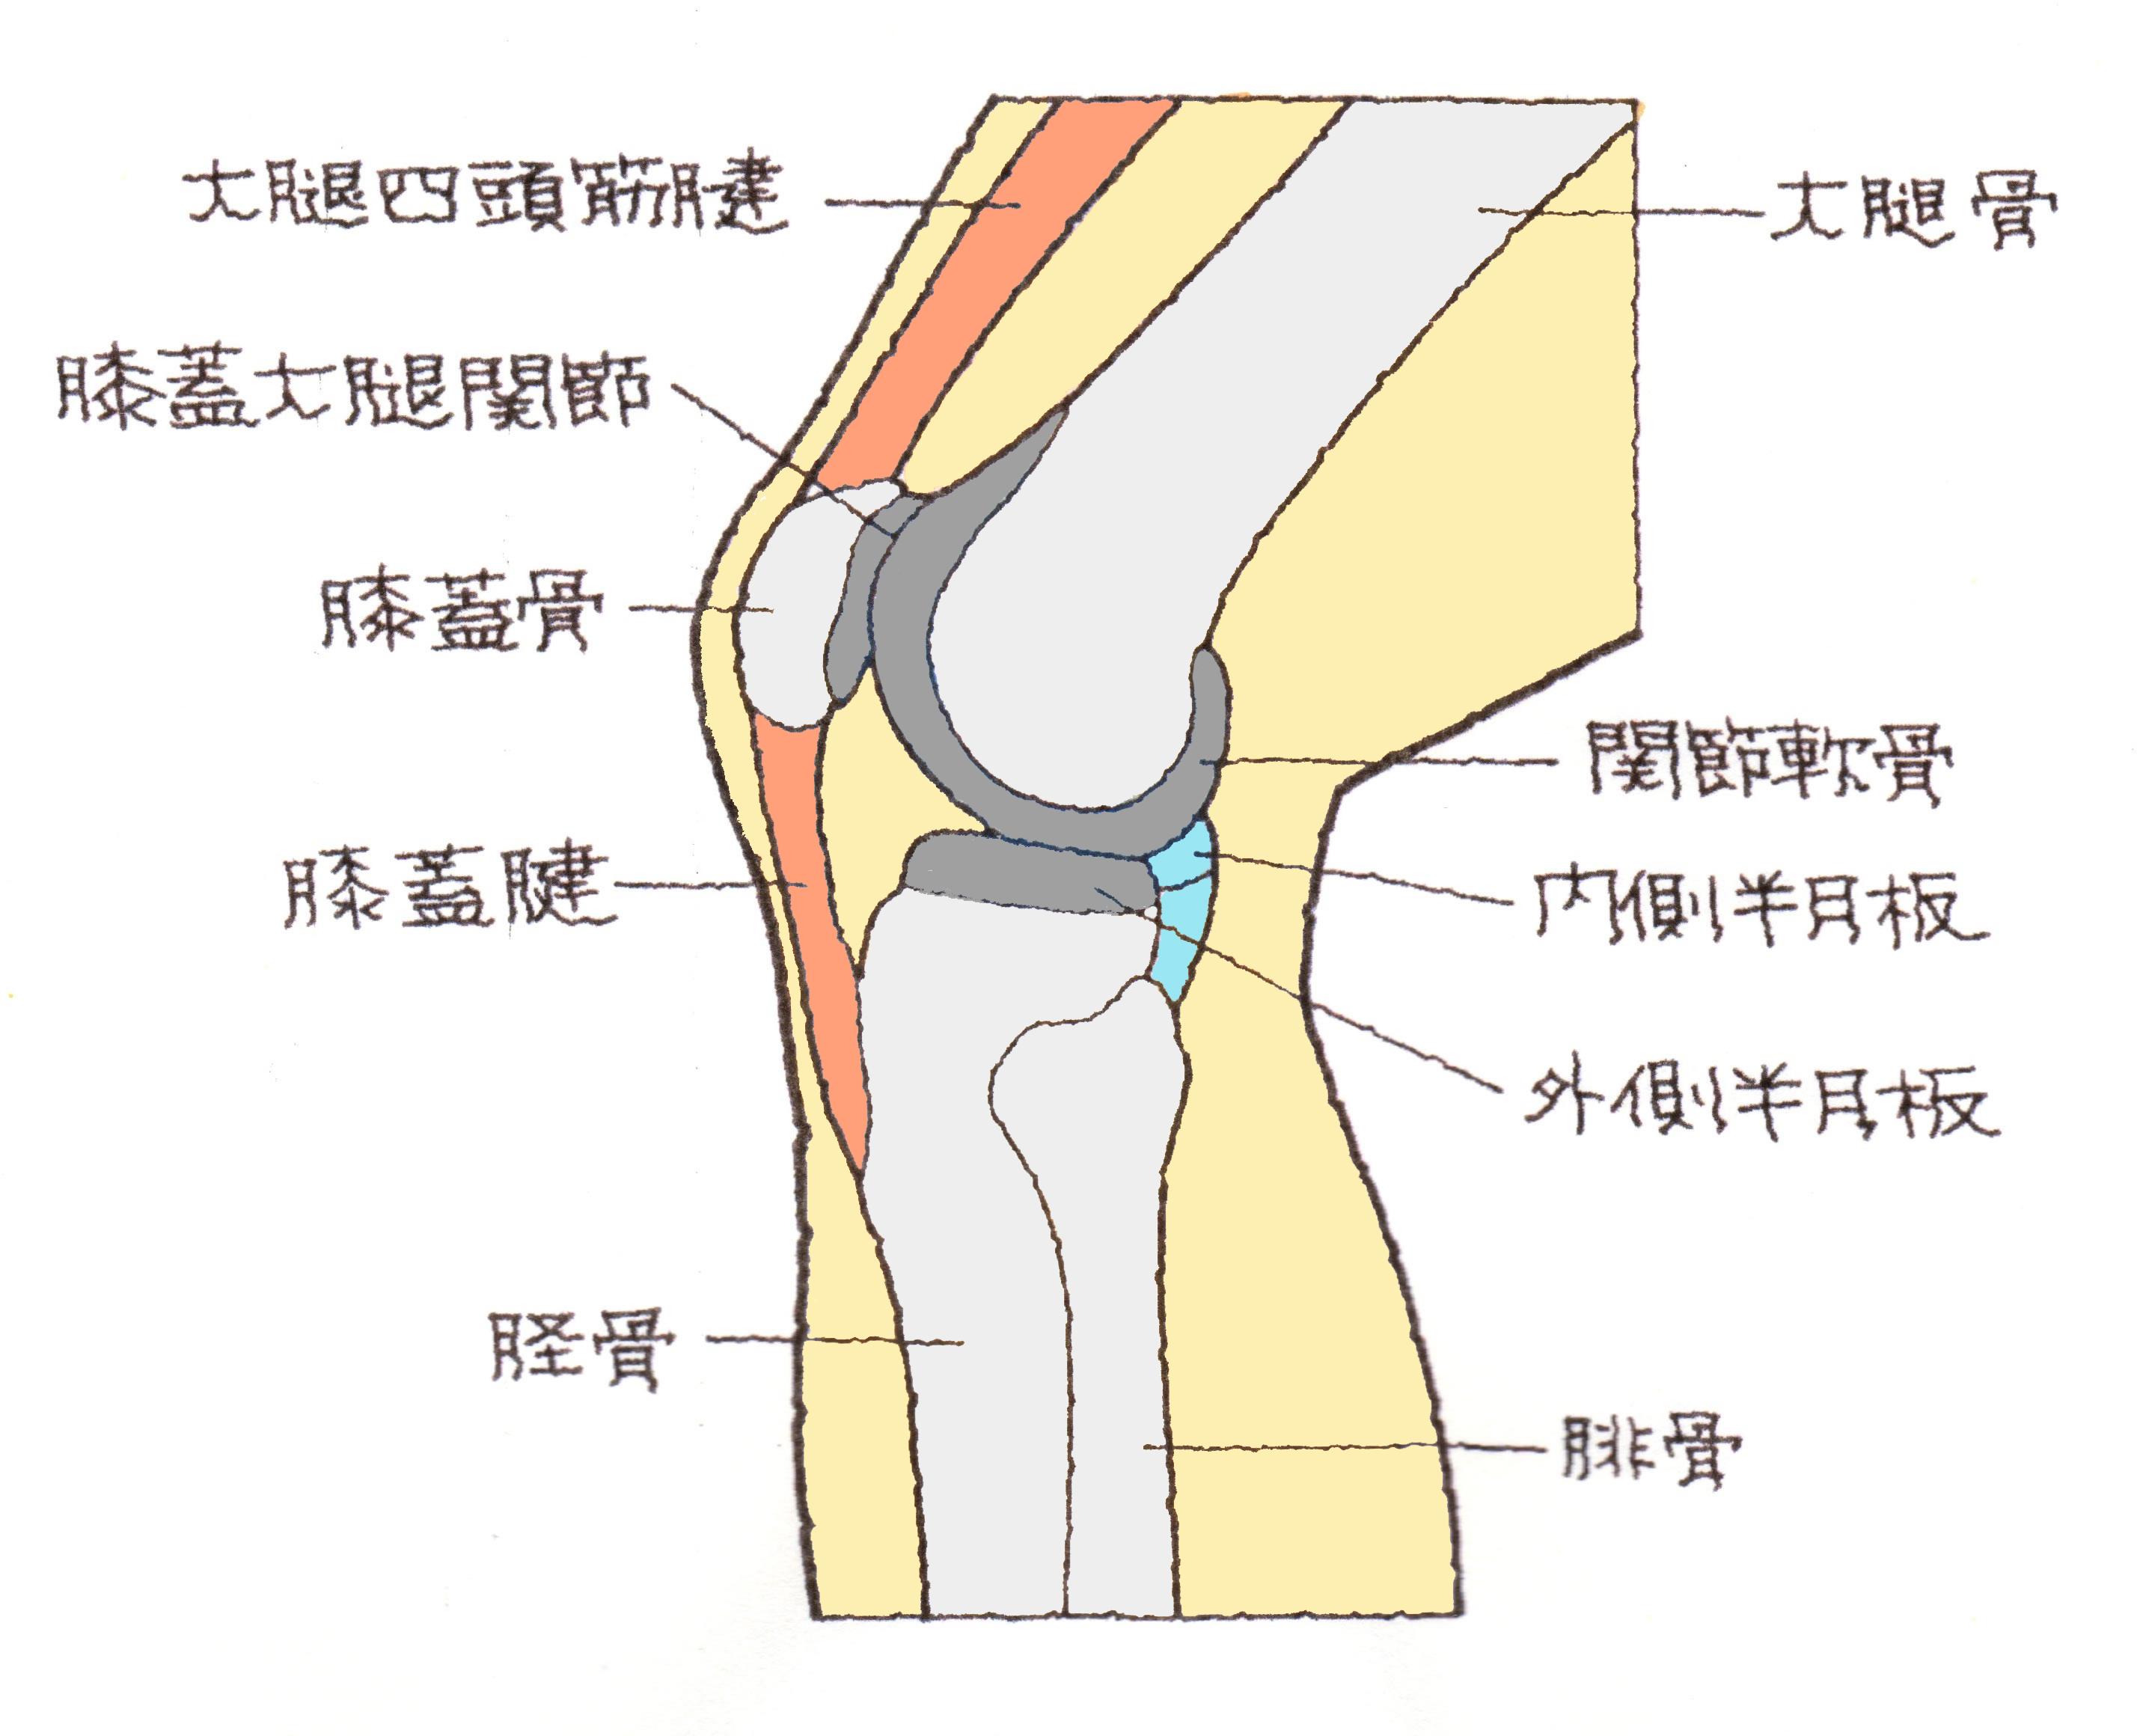 骨折 膝蓋骨